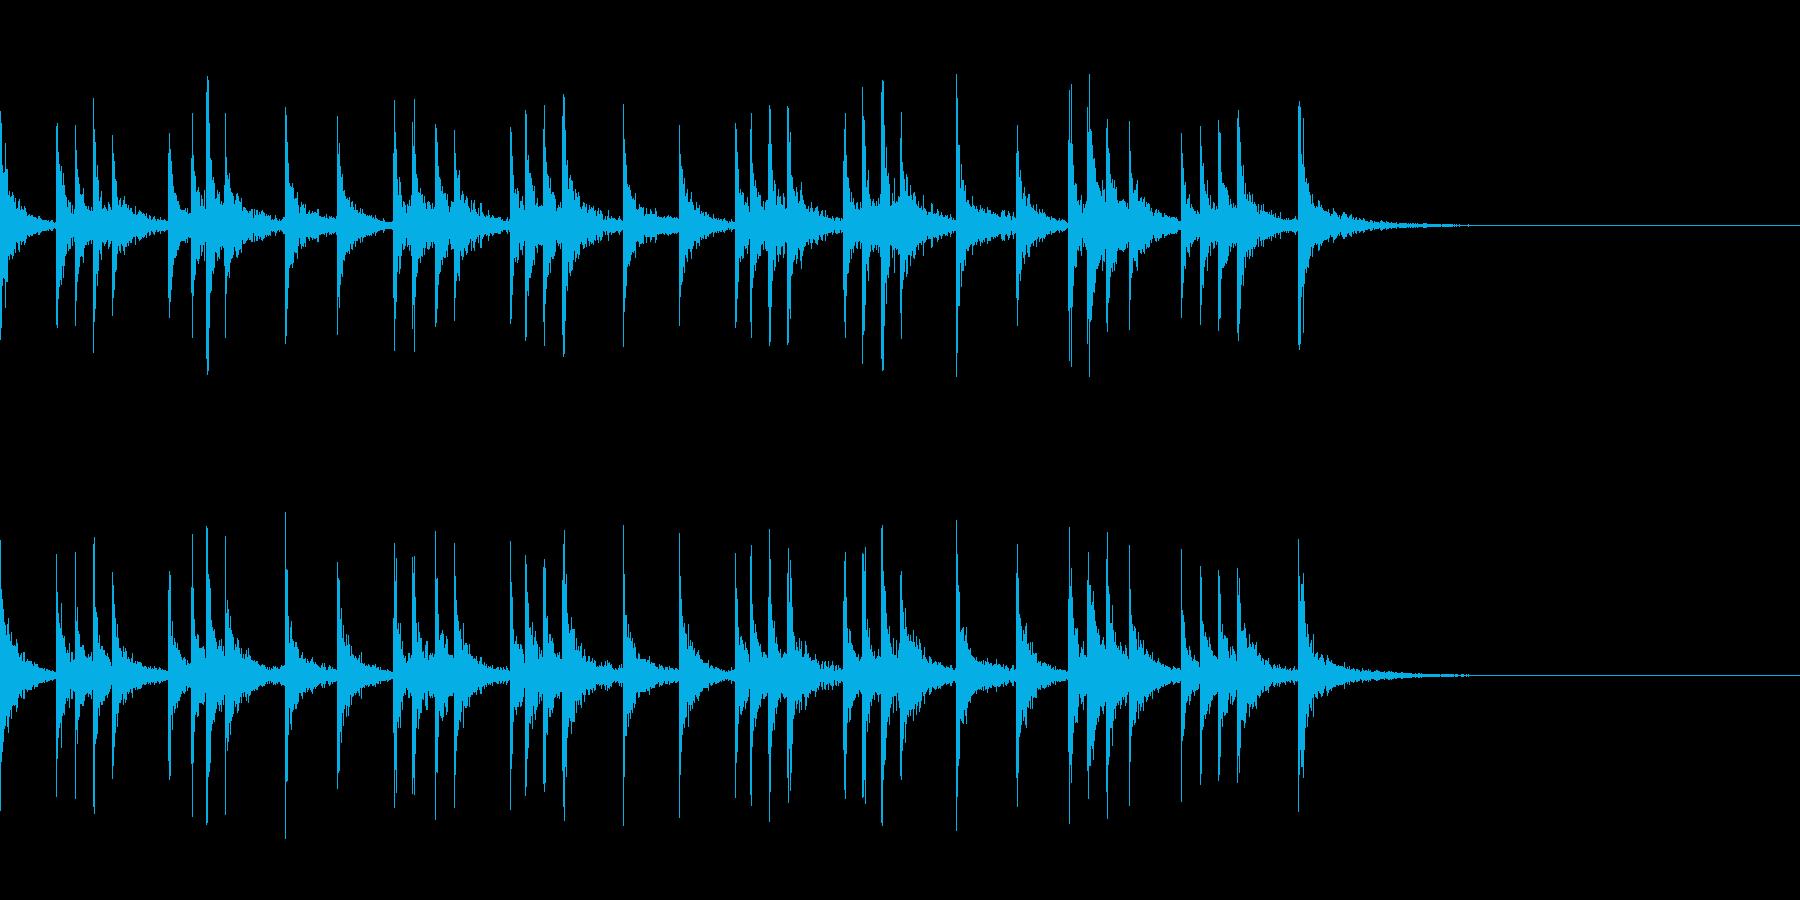 カスタネット!フレーズ2 エフェクト有の再生済みの波形